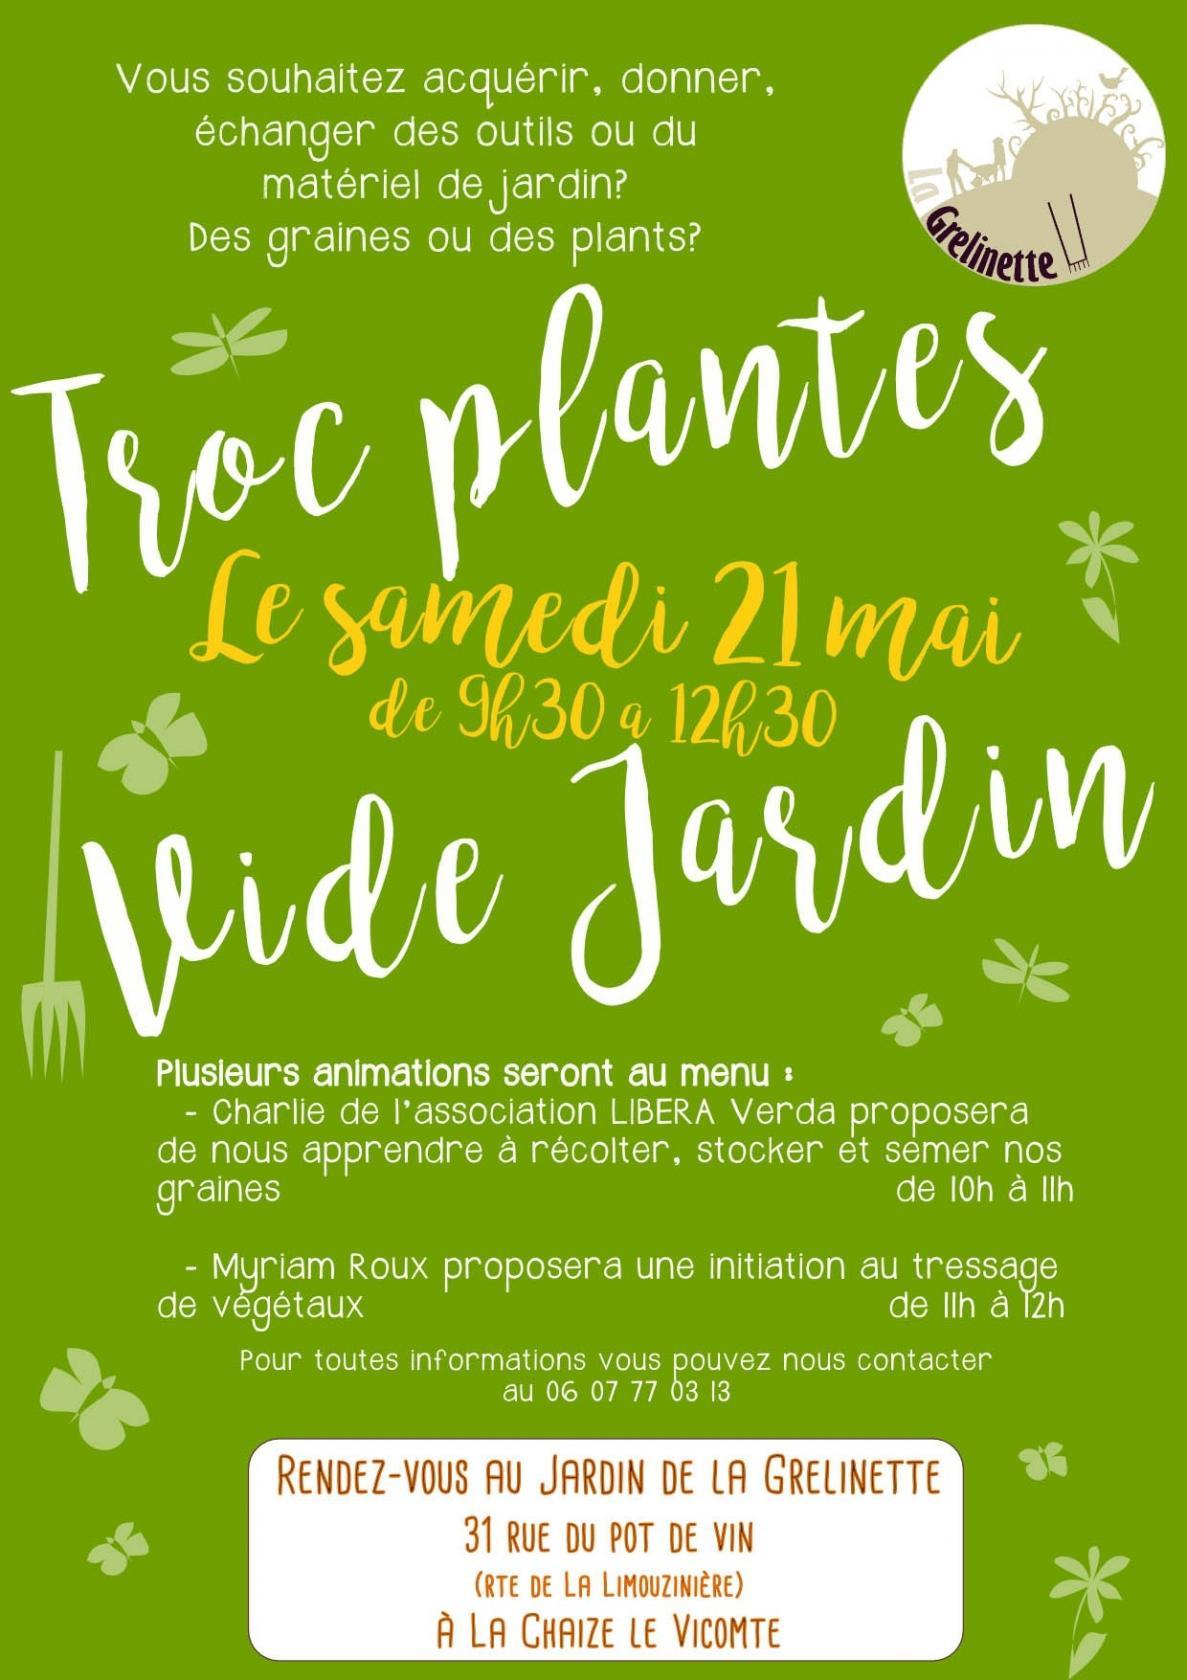 Troc plantes vide jardins la chaize le vicomte for Vide jardin 2016 la garnache